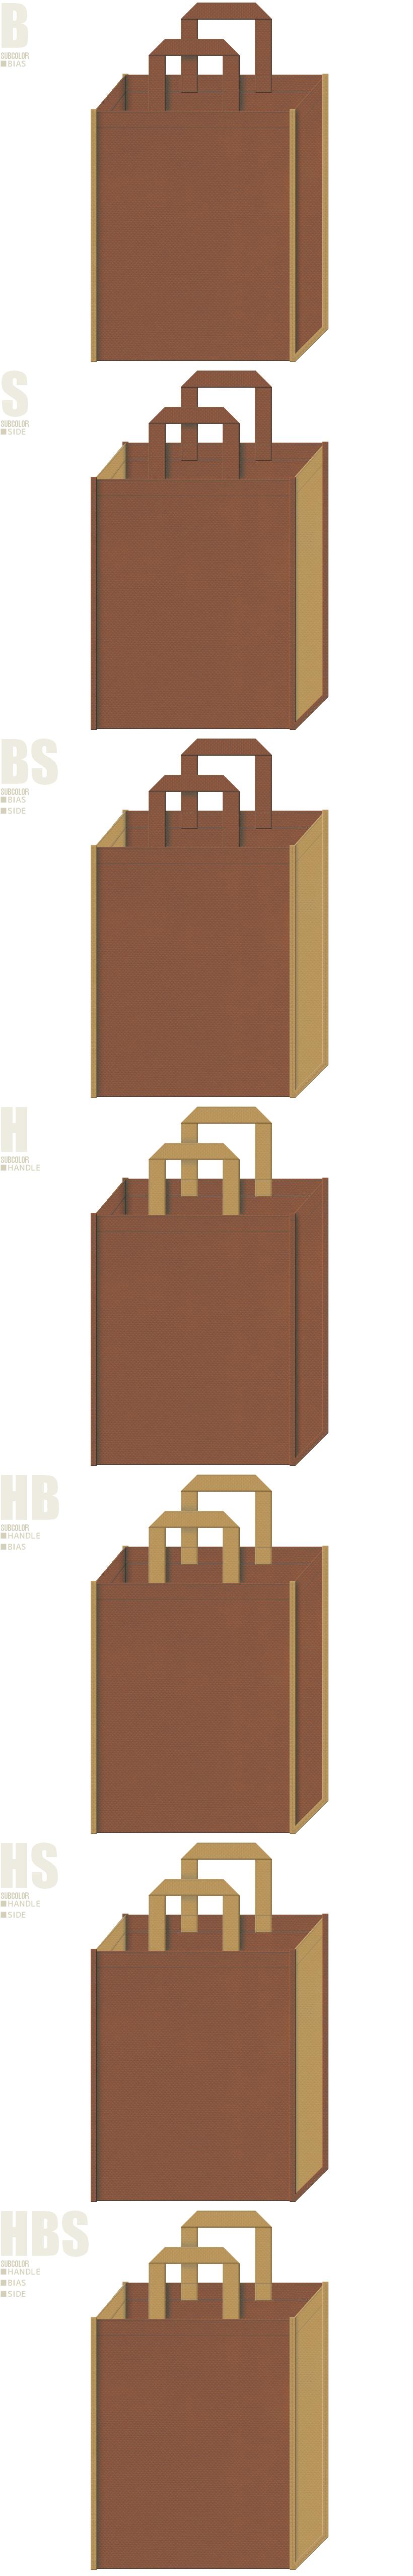 住宅展示場・ログハウス・木製インテリアの展示会用バッグ、ベーカリーショップのショッピングバッグにお奨めです。茶色と金色系黄土色、7パターンの不織布トートバッグ配色デザイン例。マロングラッセ風。